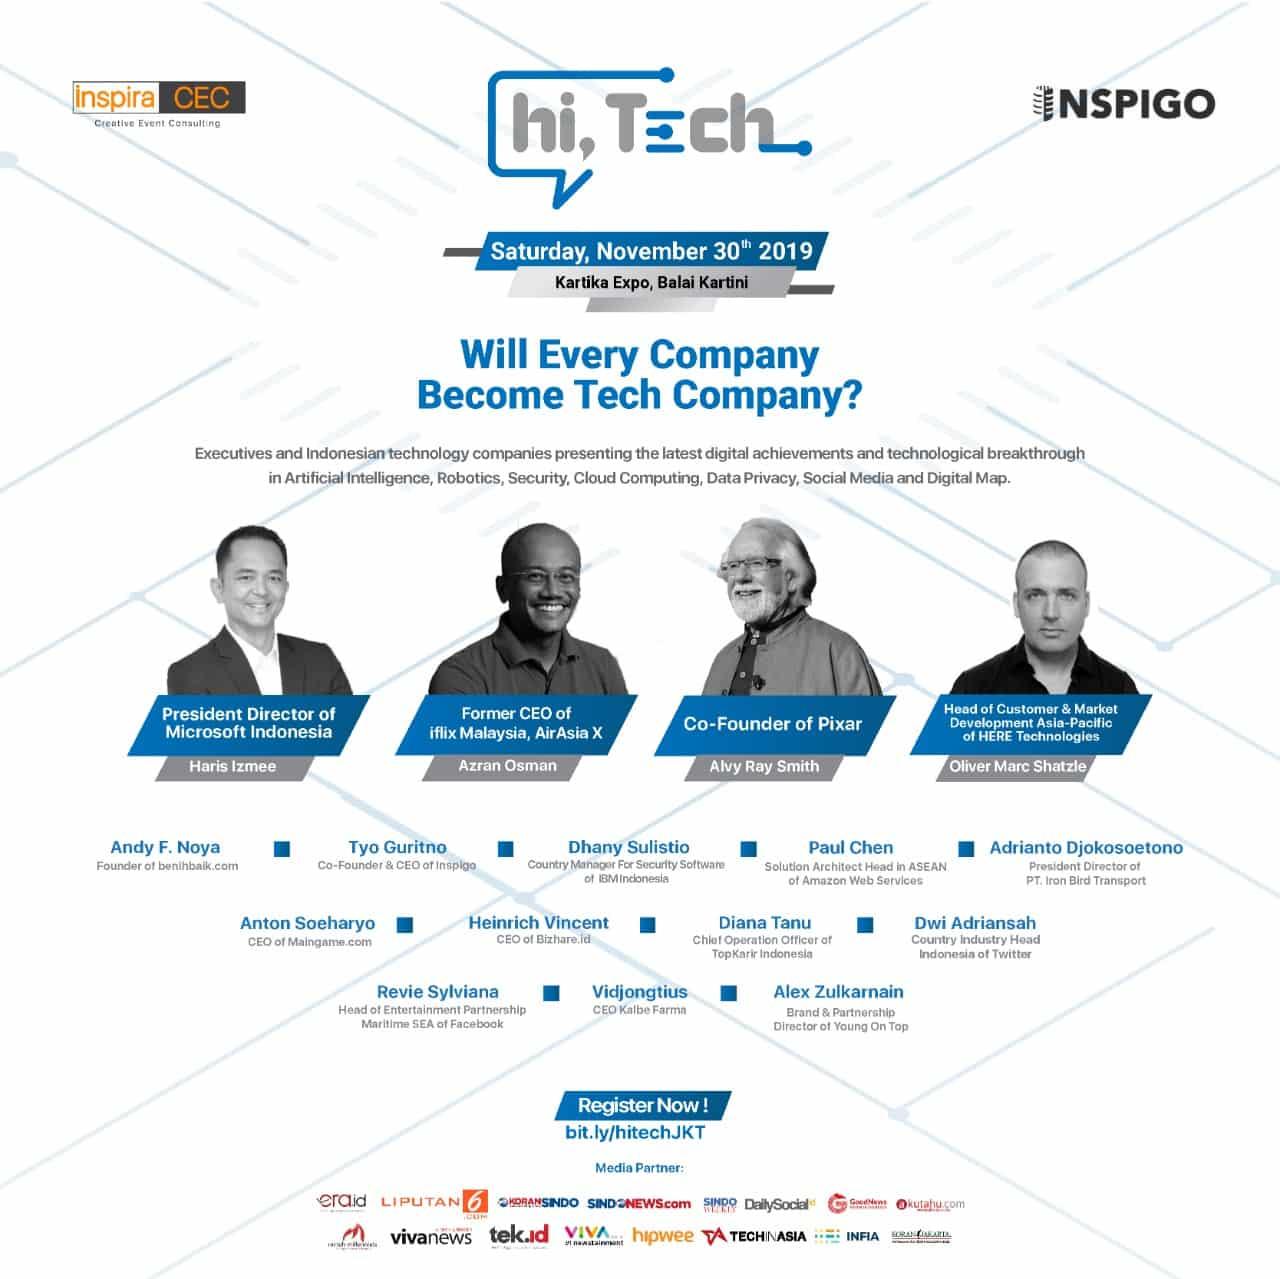 Cloud Computing, Teknologi yang Memudahkan Penyimpanan Data - HiTech Conference 2019